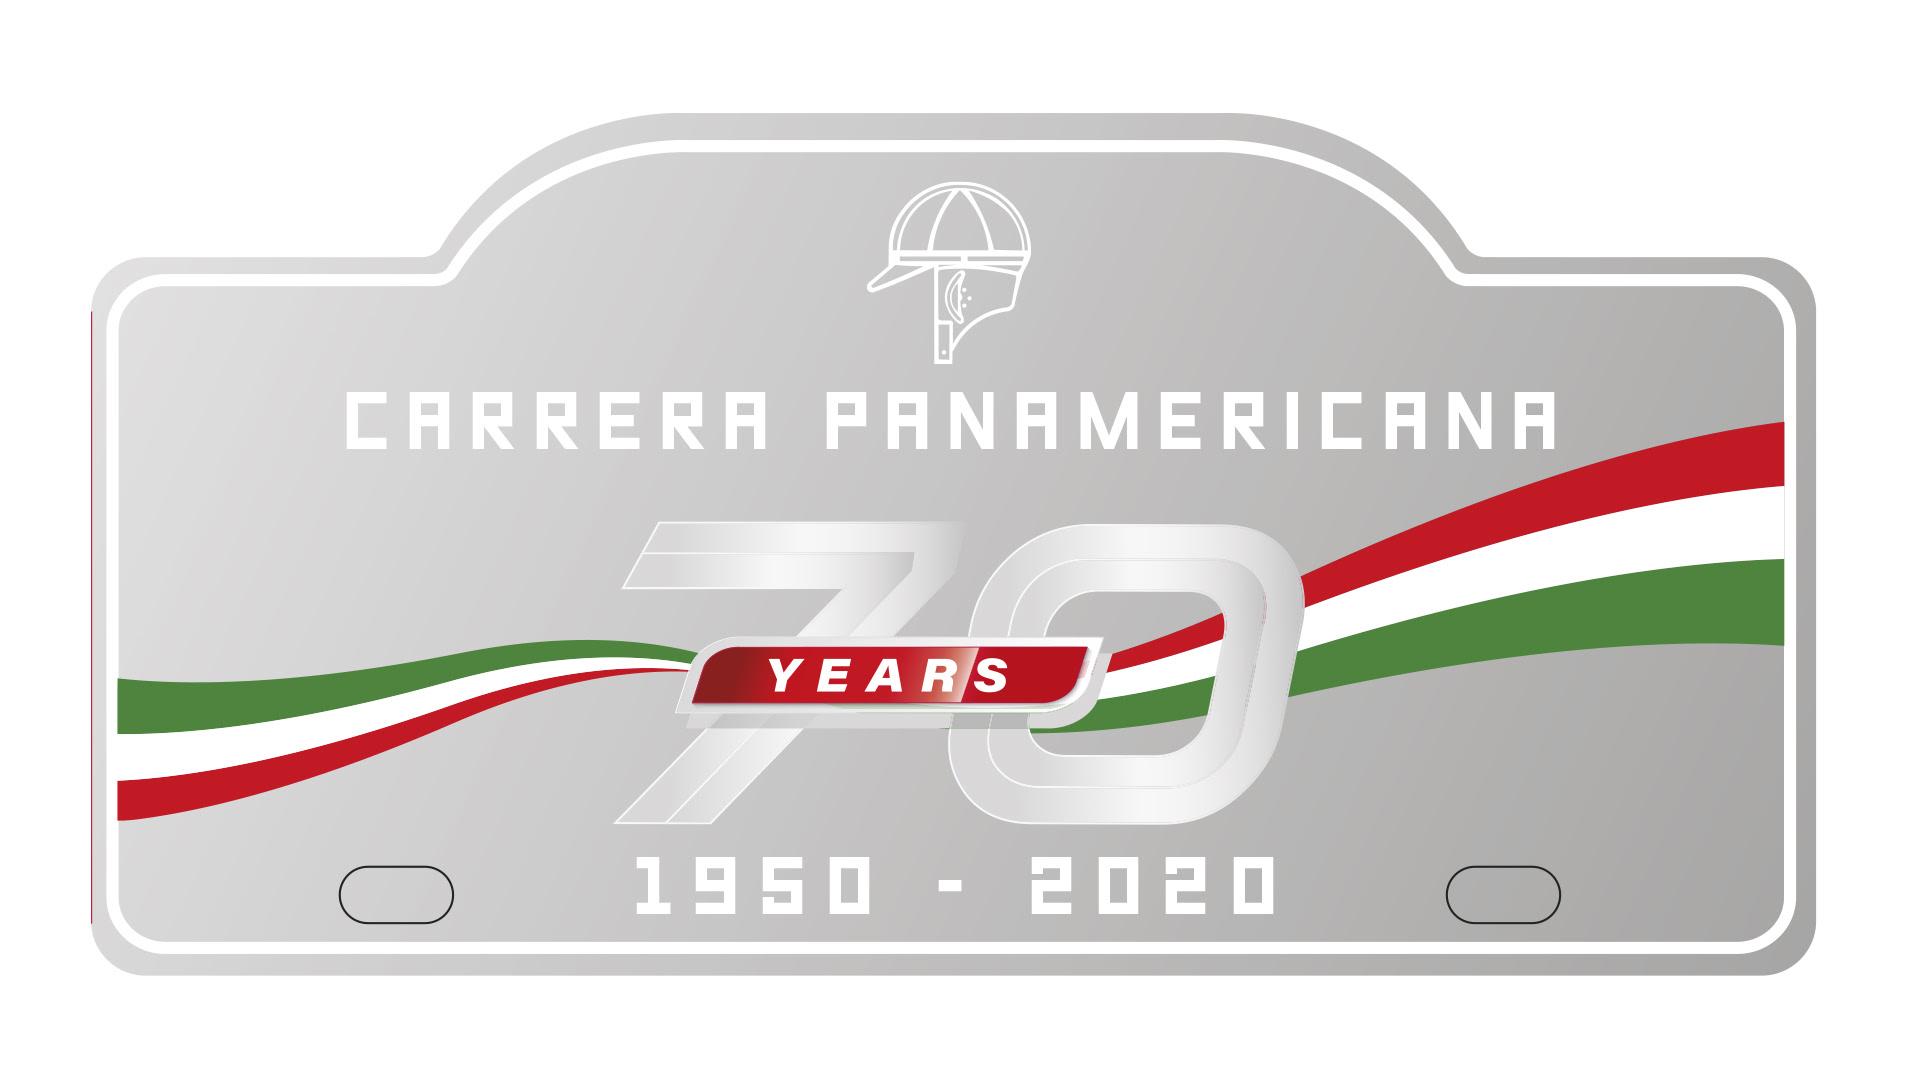 Carrera Pnamericana 2020